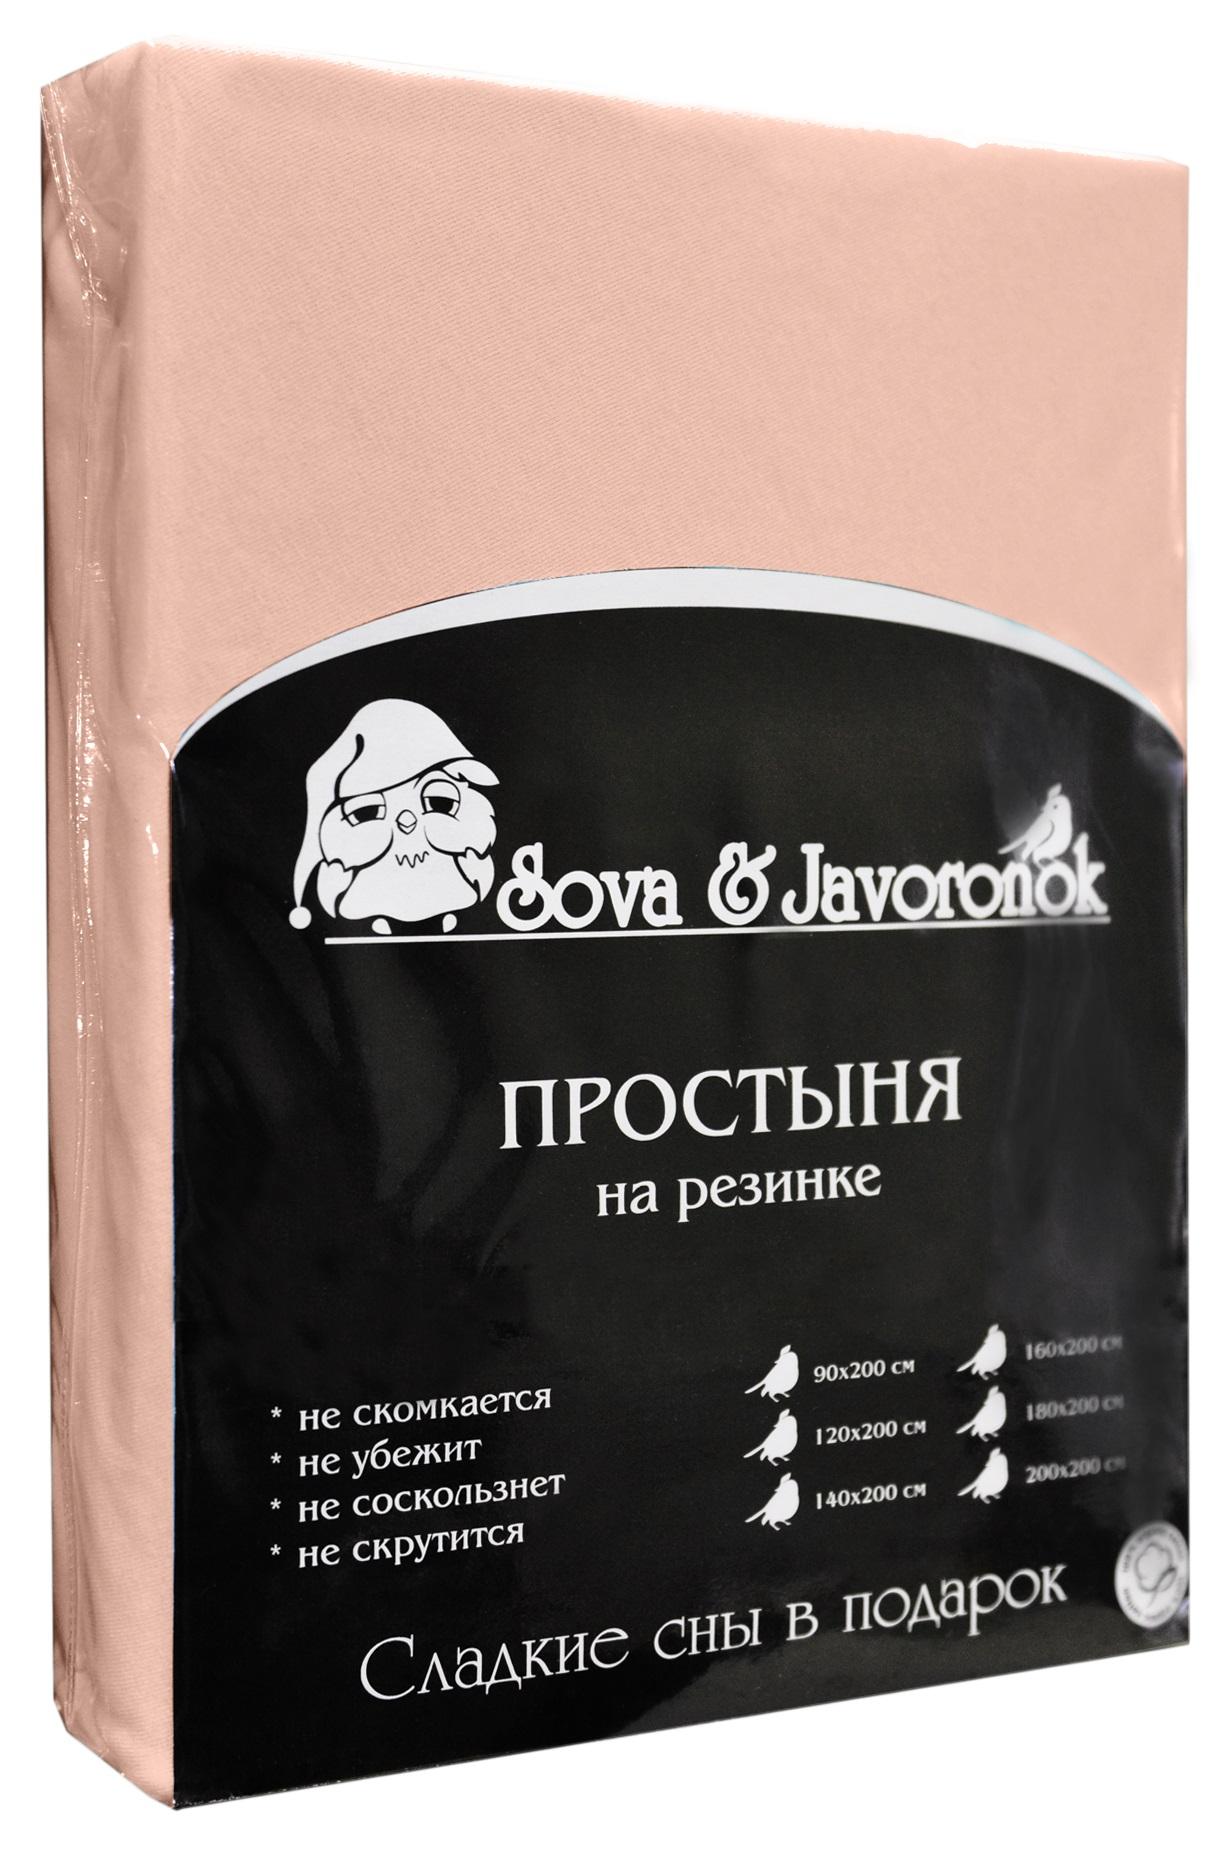 Простыня на резинке Sova & Javoronok, цвет: персиковый, 120 х 200 см08030115621Простыня на резинке Sova & Javoronok, изготовленная из трикотажной ткани (100% хлопок), будет превосходно смотреться с любыми комплектами белья. Хлопчатобумажный трикотаж по праву считается одним из самых качественных, прочных и при этом приятных на ощупь. Его гигиеничность позволяет использовать простыню и в детских комнатах, к тому же 100%-ый хлопок в составе ткани не вызовет аллергии. У трикотажного полотна очень интересная структура, немного рыхлая за счет отсутствия плотного переплетения нитей и наличия особых петель, благодаря этому простыня Сова и Жаворонок отлично пропускает воздух и способствует его постоянной циркуляции. Поэтому ваша постель будет всегда оставаться свежей. Но главное и, пожалуй, самое известное свойство трикотажа - это его великолепная растяжимость, поэтому эта ткань и была выбрана для натяжной простыни на резинке. Простыня прошита резинкой по всему периметру, что обеспечивает более комфортный отдых, так как она прочно удерживается на матрасе и...